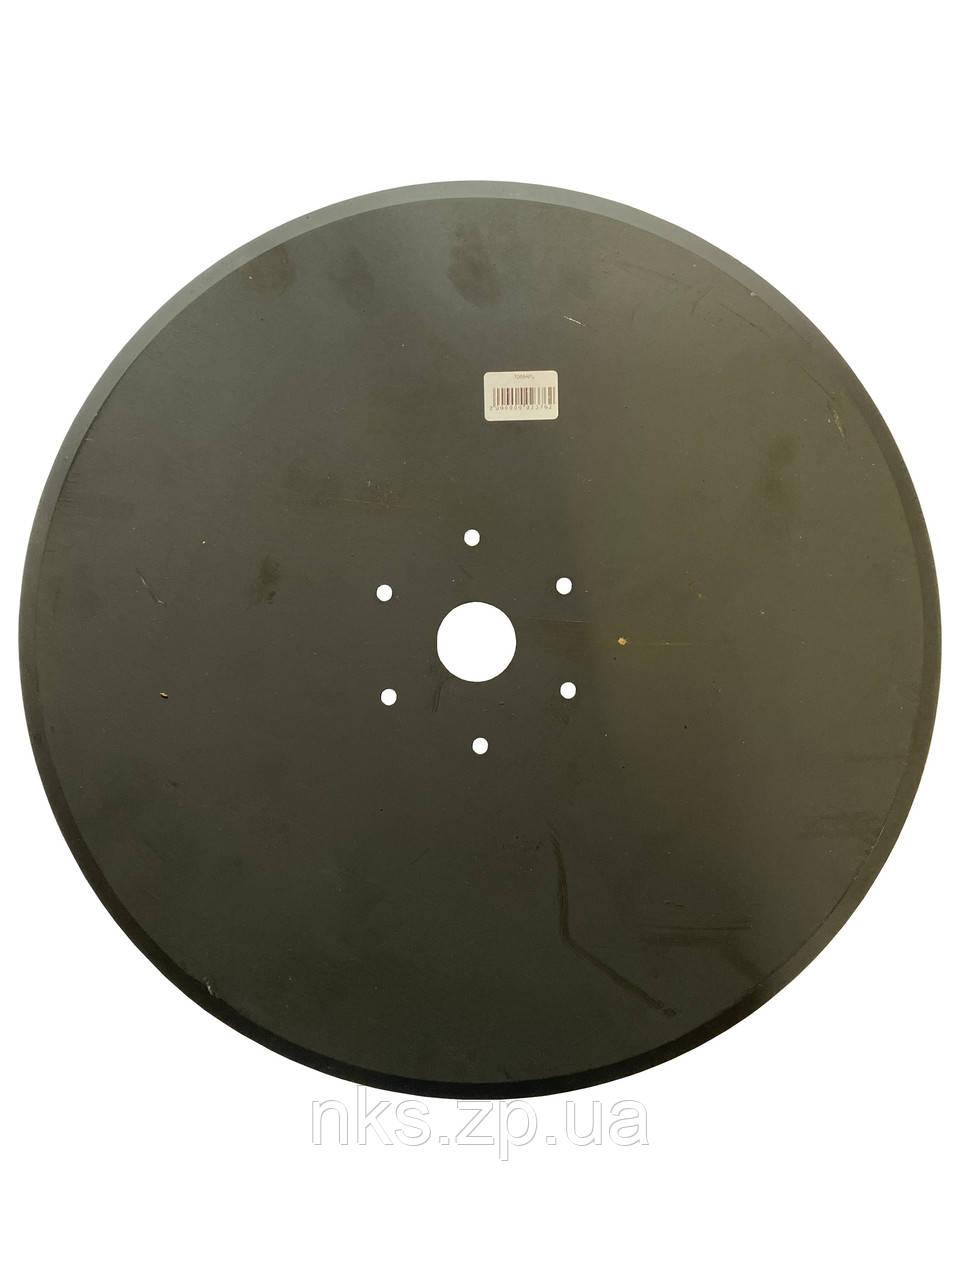 Диск сошника 380 мм Monosem